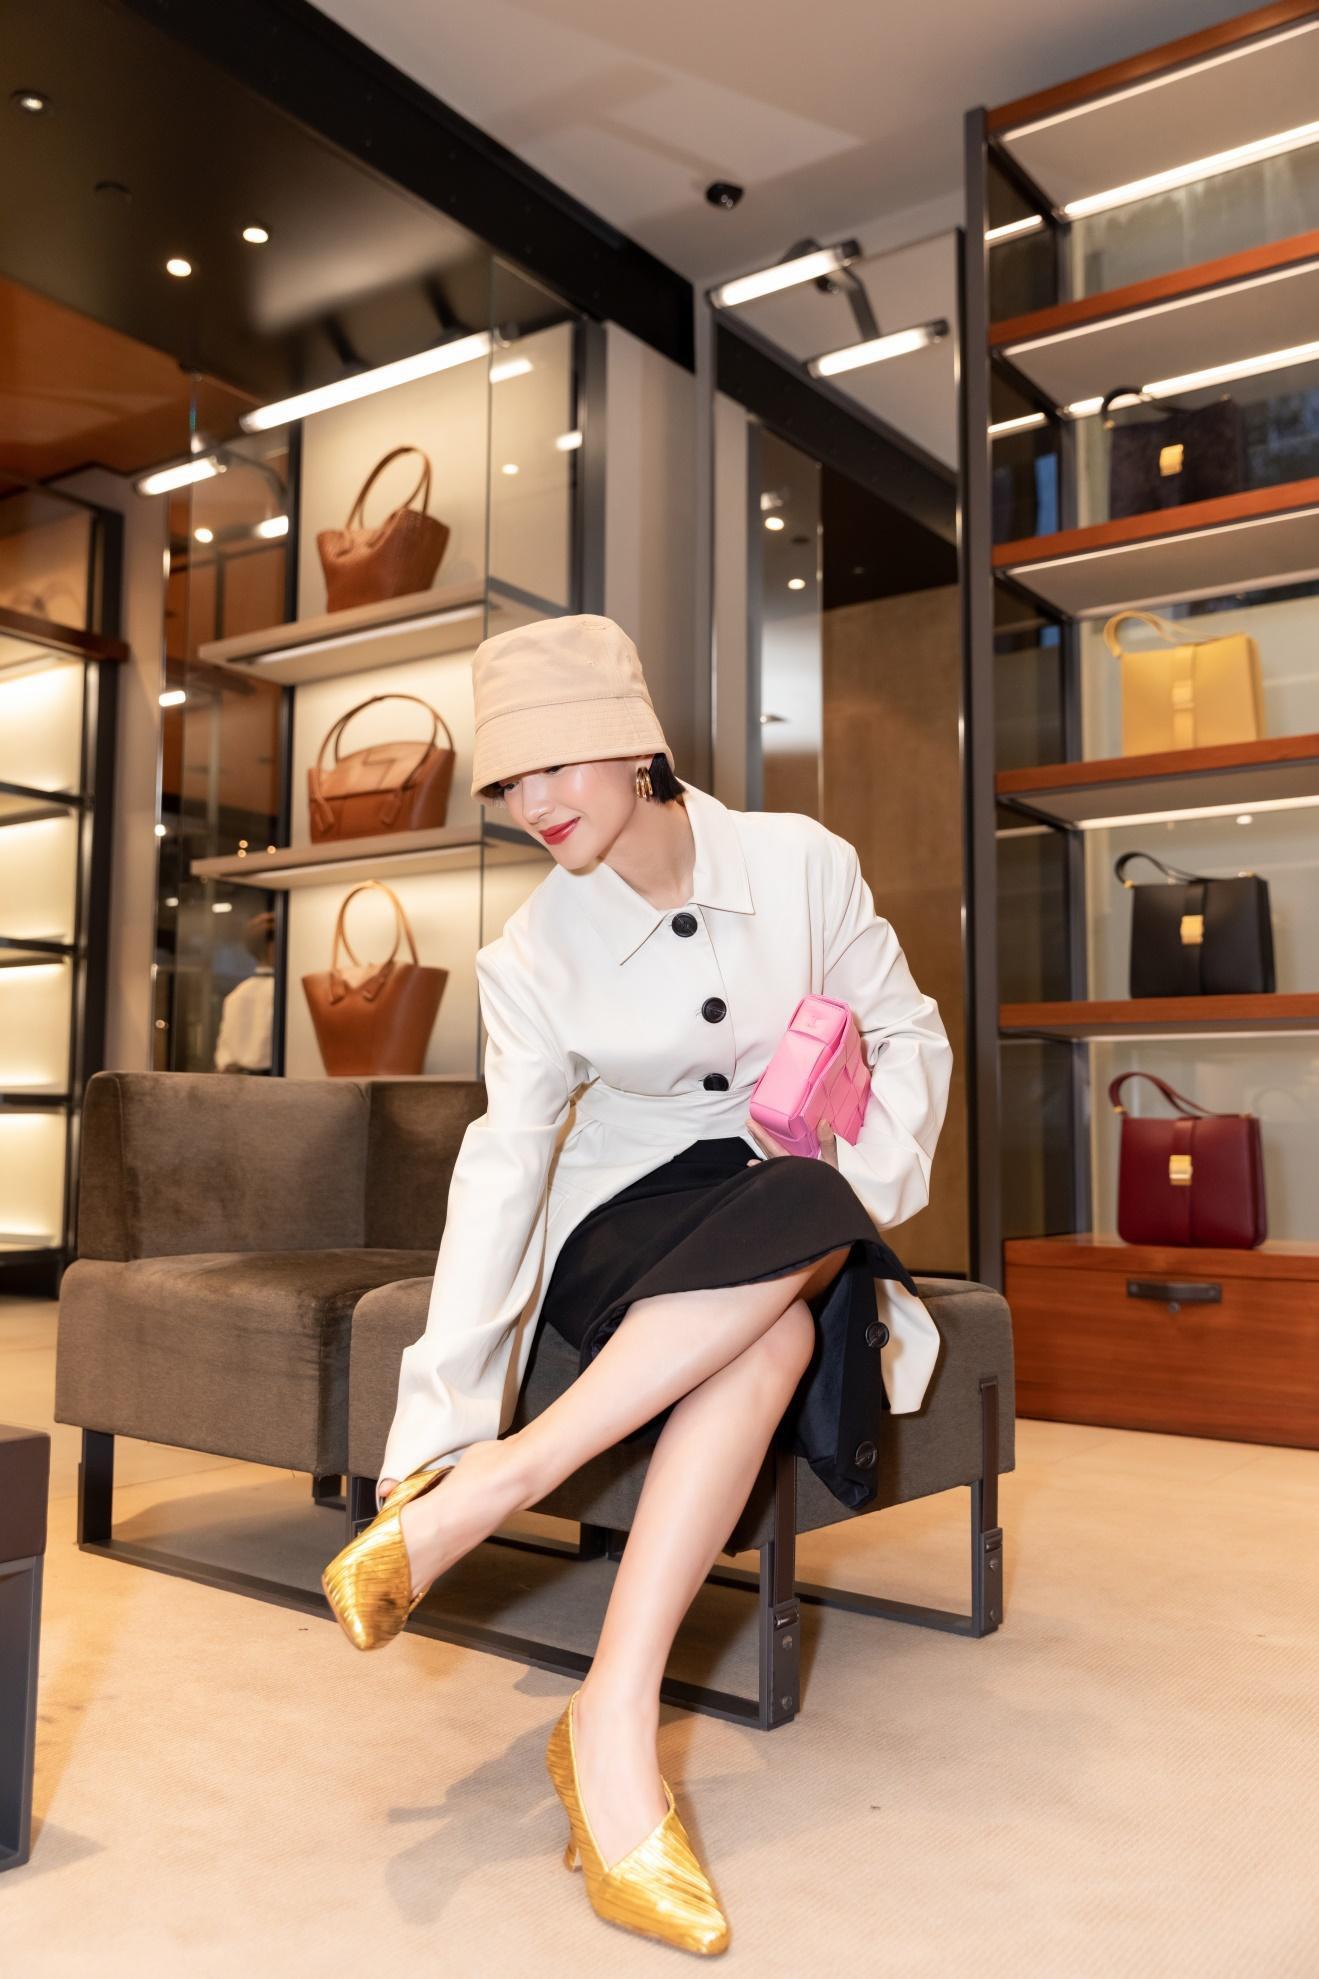 Bottega Veneta ra mắt BST mới: Dàn sao Việt yêu thời trang tụ hội, cùng khoe cá tính - Ảnh 9.